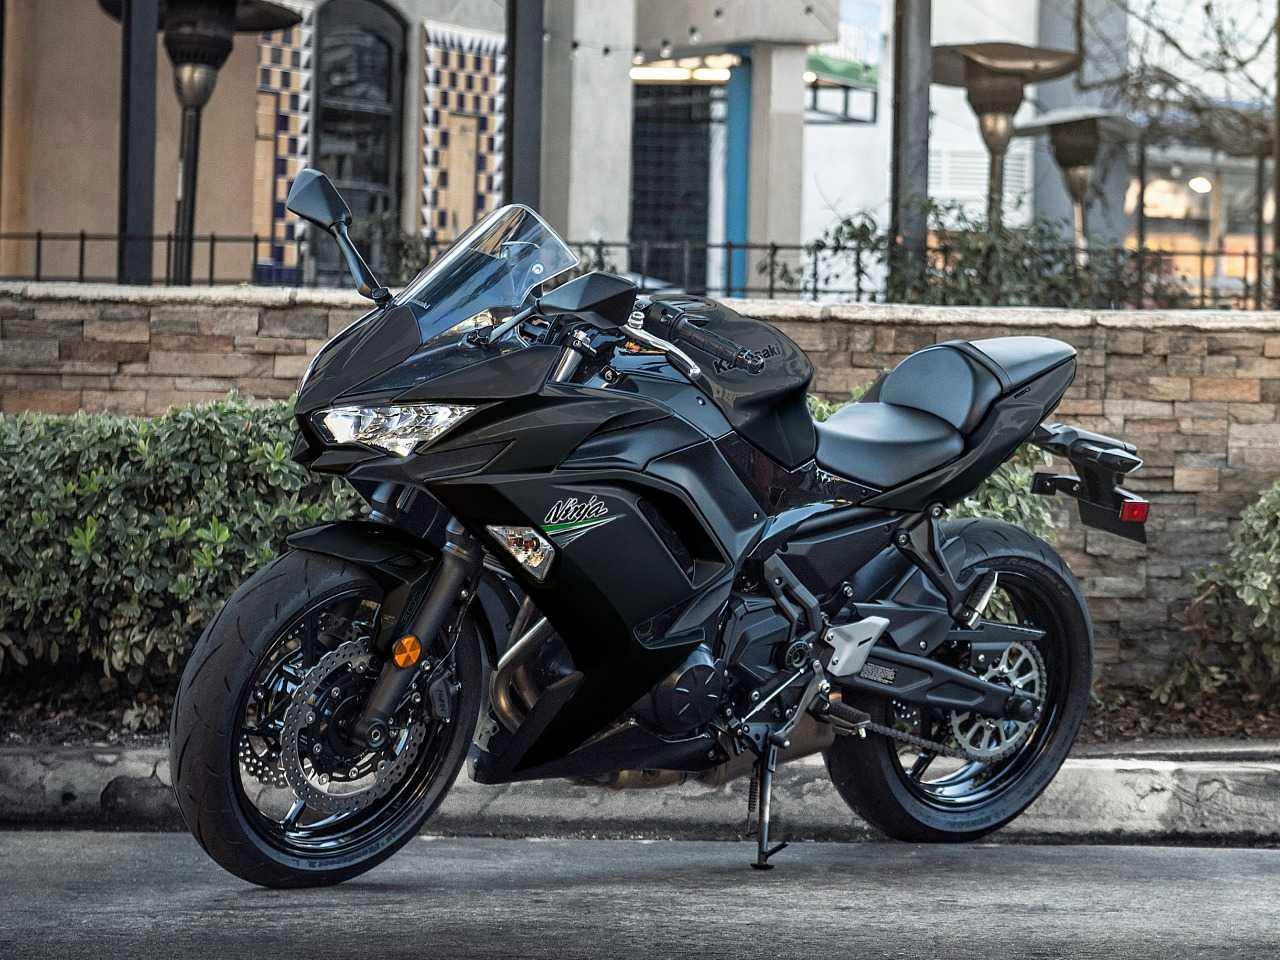 Kawasaki Ninja 650 se convierte en el arma letal de la